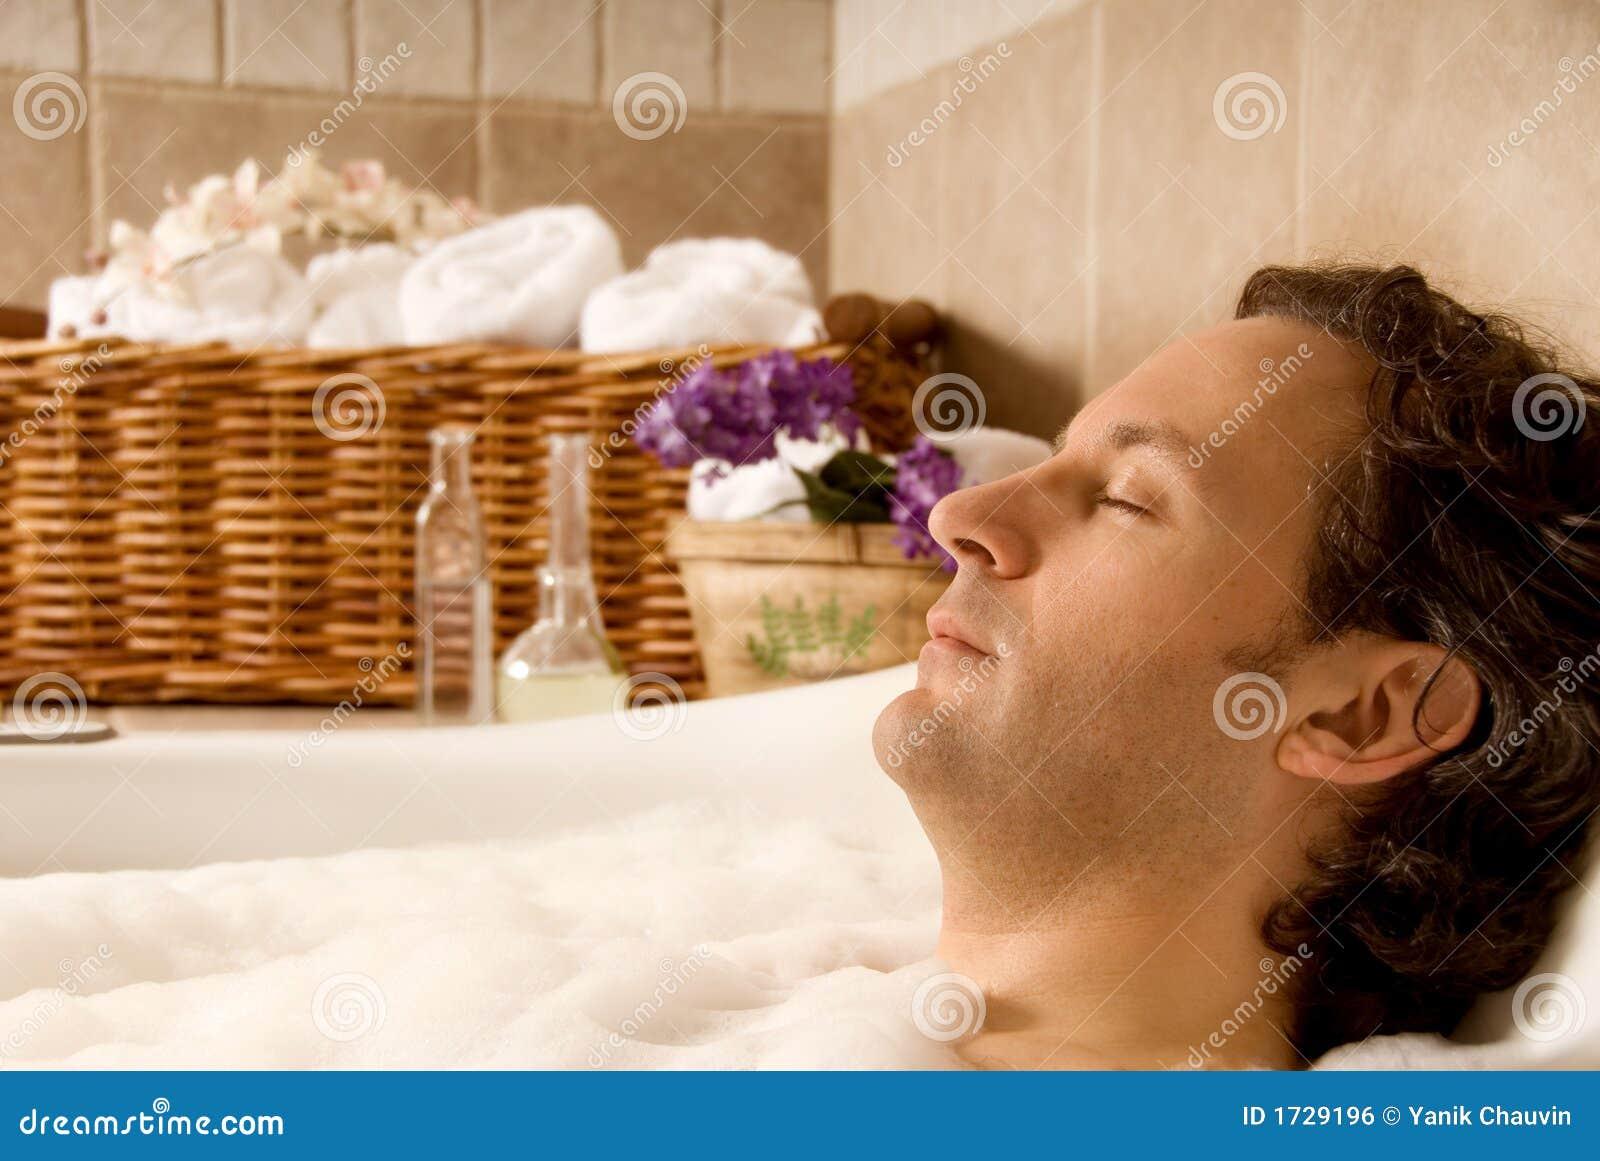 человек ванны